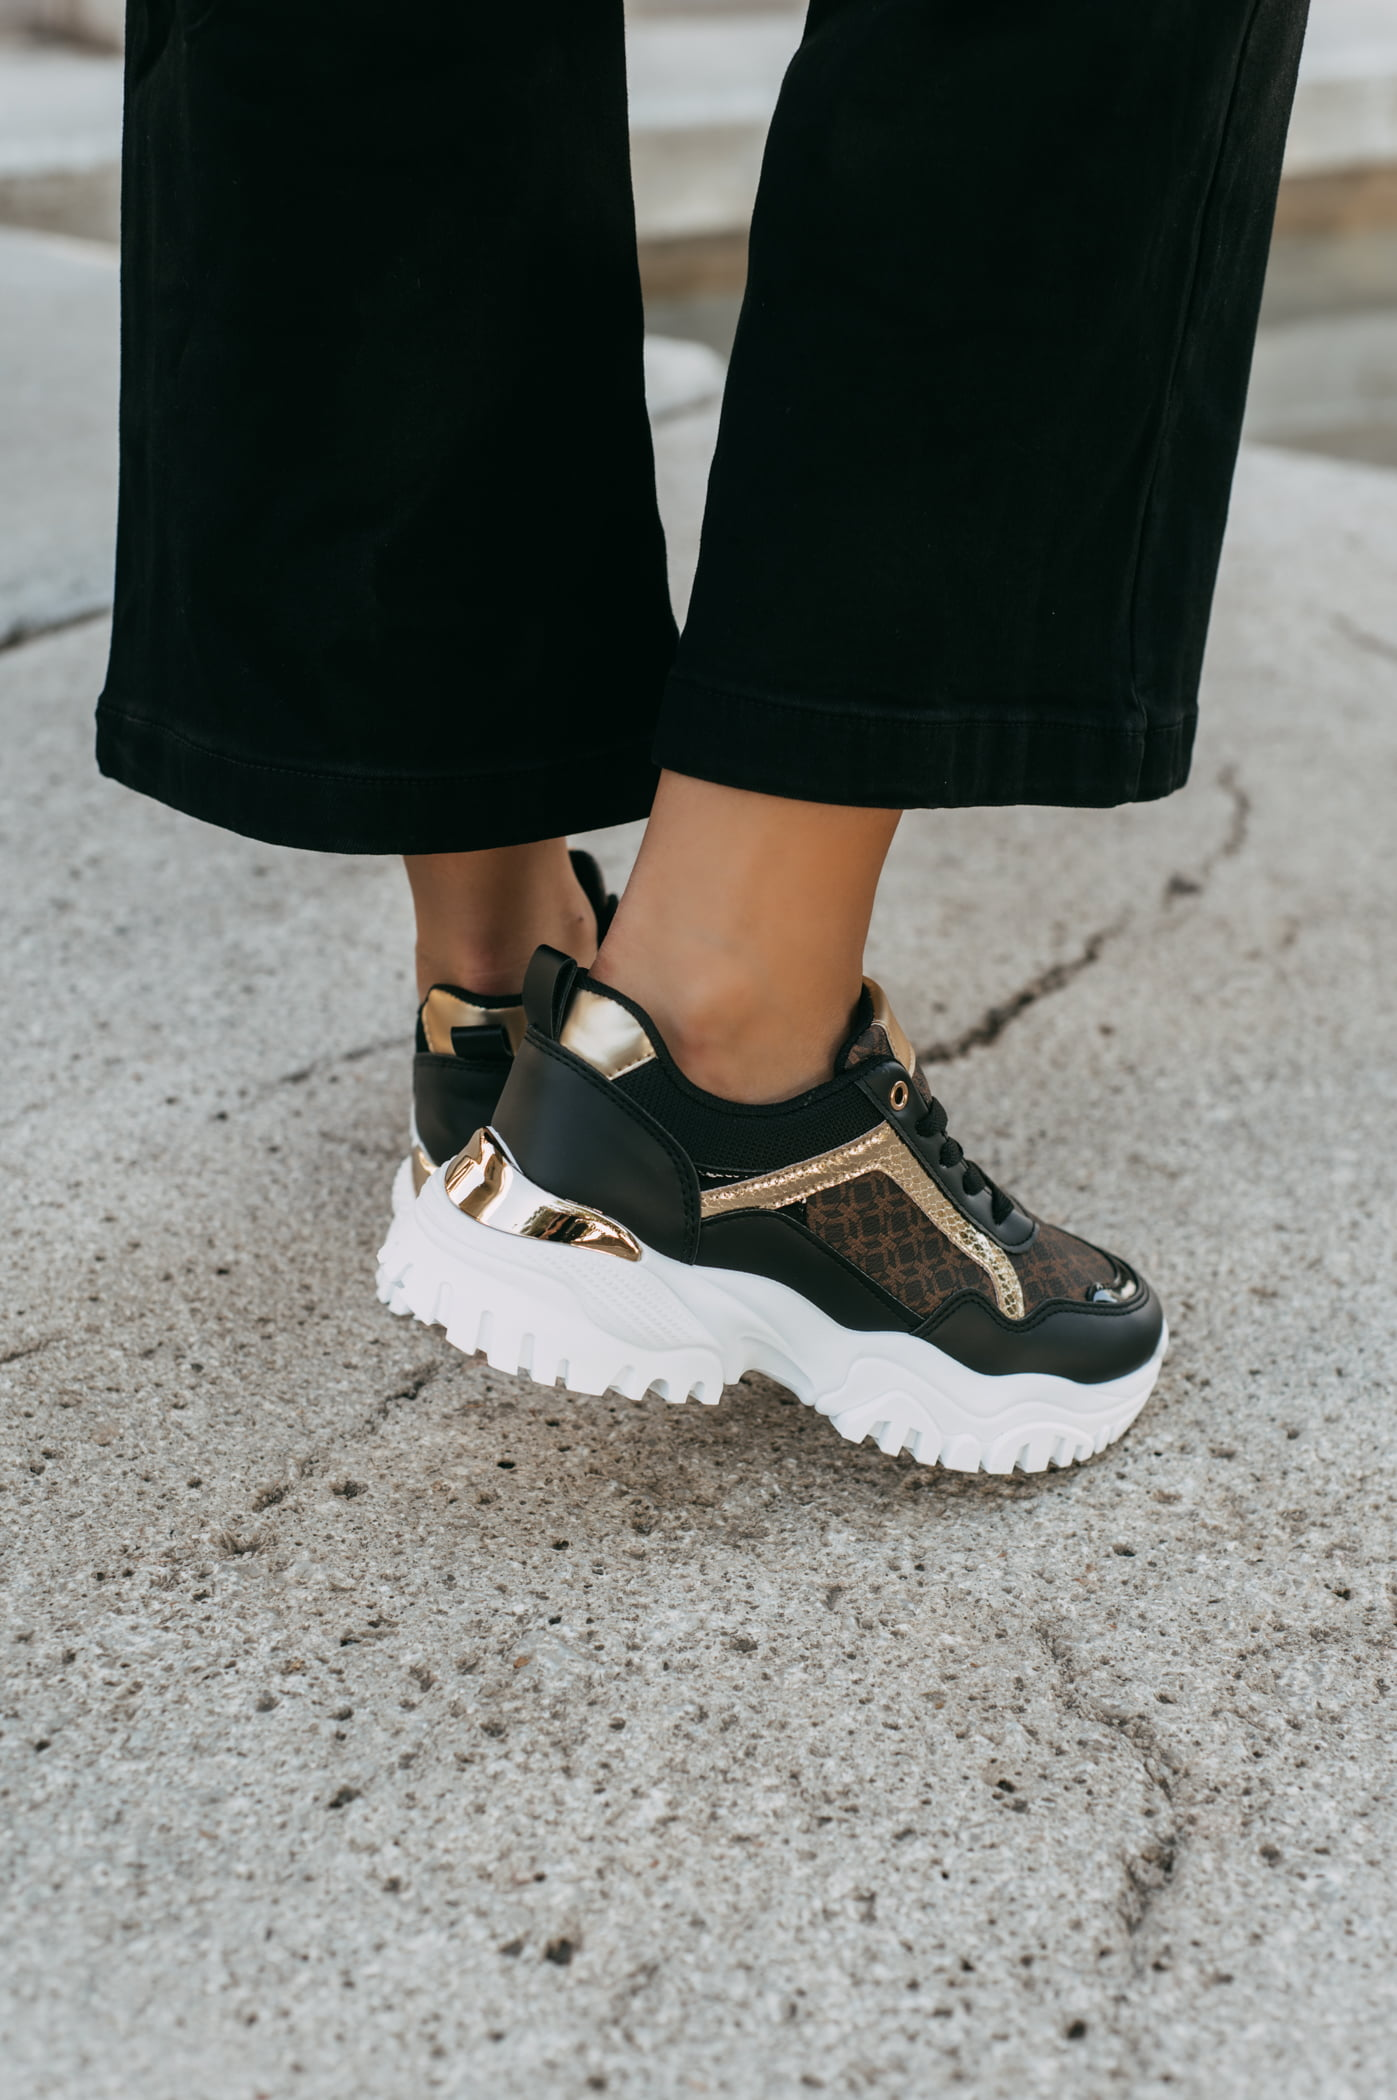 antithesis-clothing-sneakers-me-sxedio-kai-sindiasmo-xrwmatwnm (1)